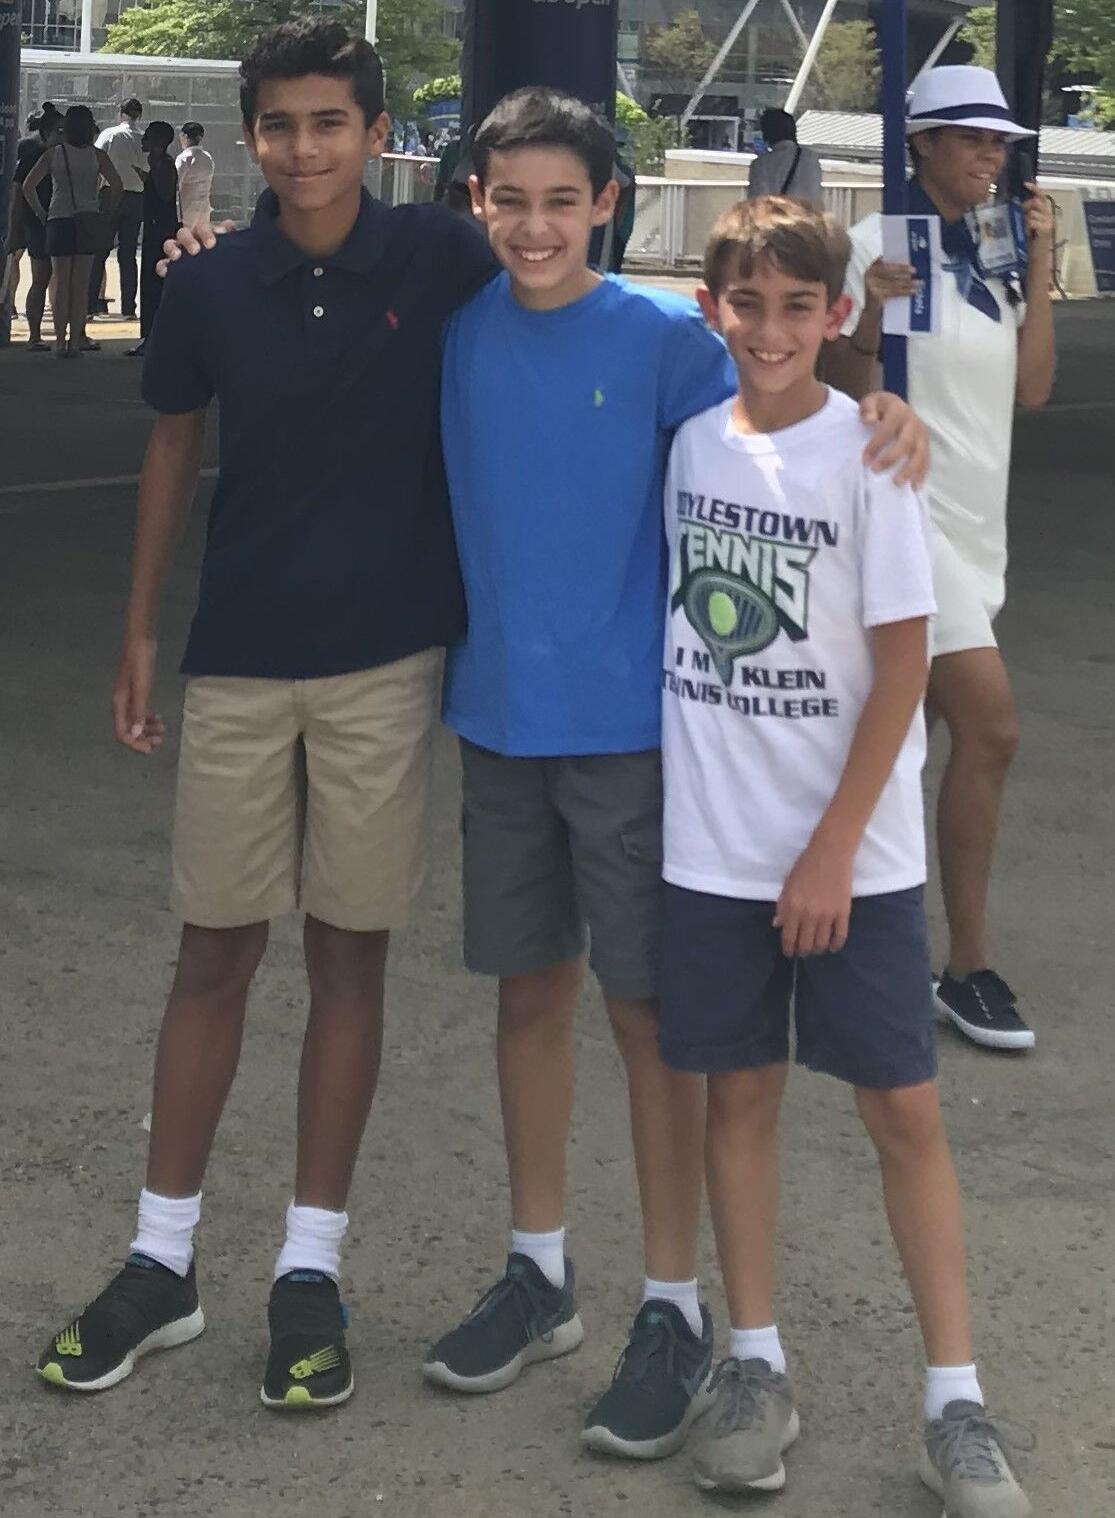 Nile, Adam and Ben